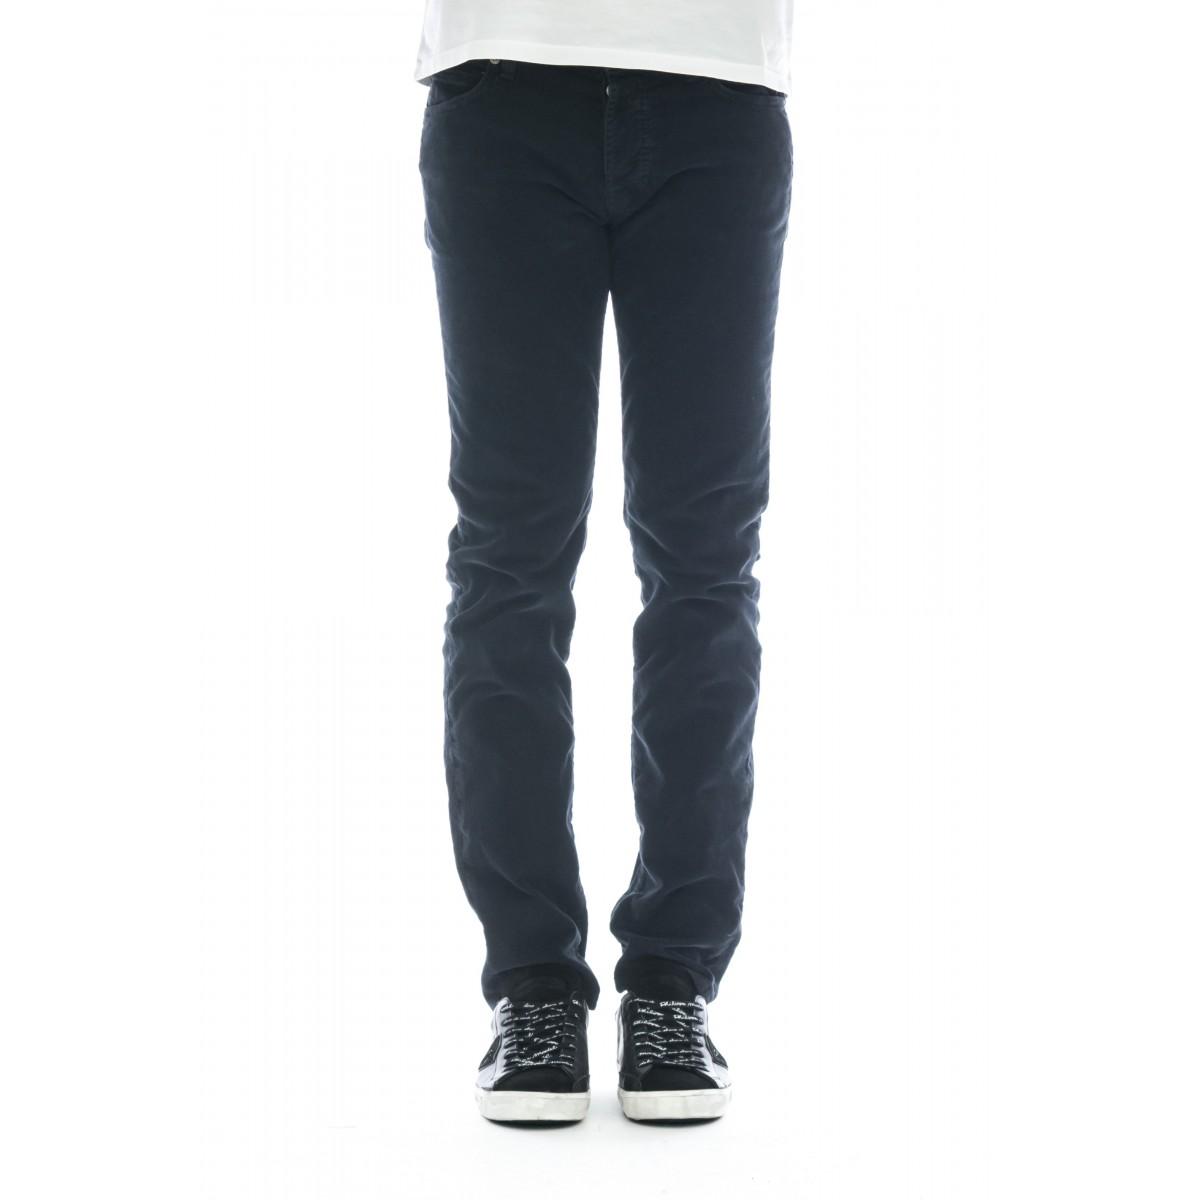 Pantalone uomo - 529 vellutto 1500 righe